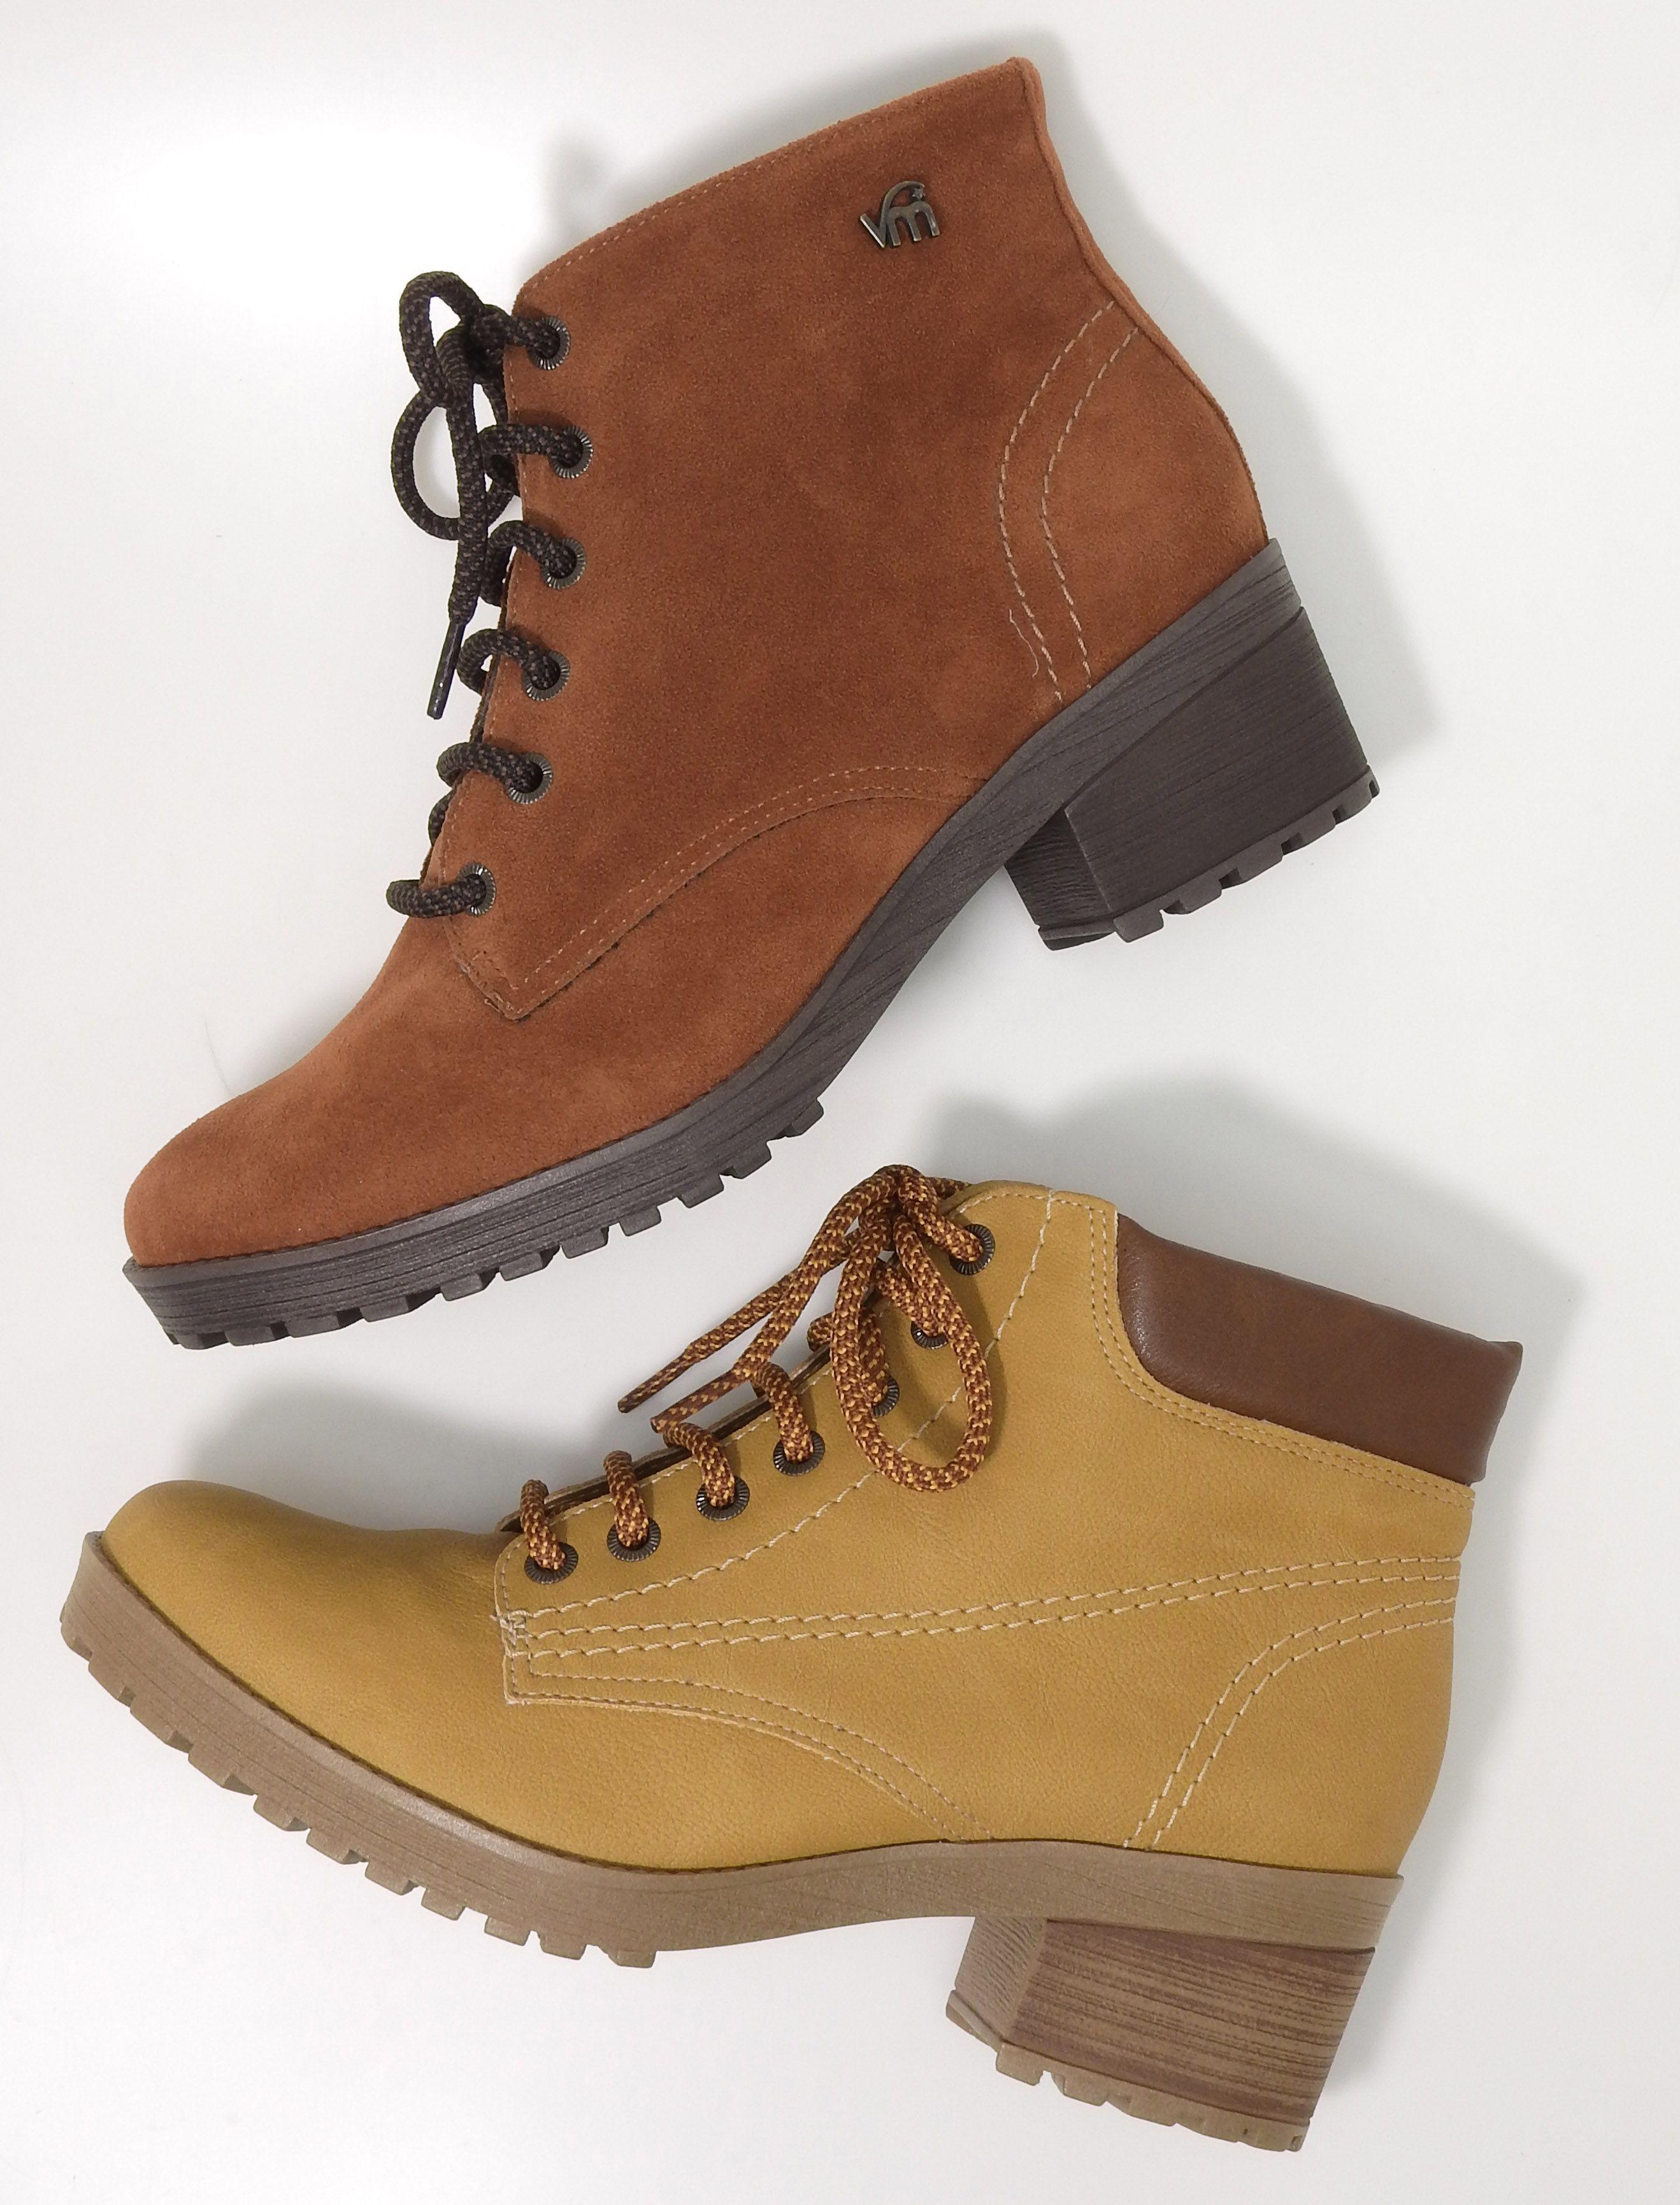 897900651c boots - botas - coturnos - botas de cano curto - cores - Ref. 16-4905